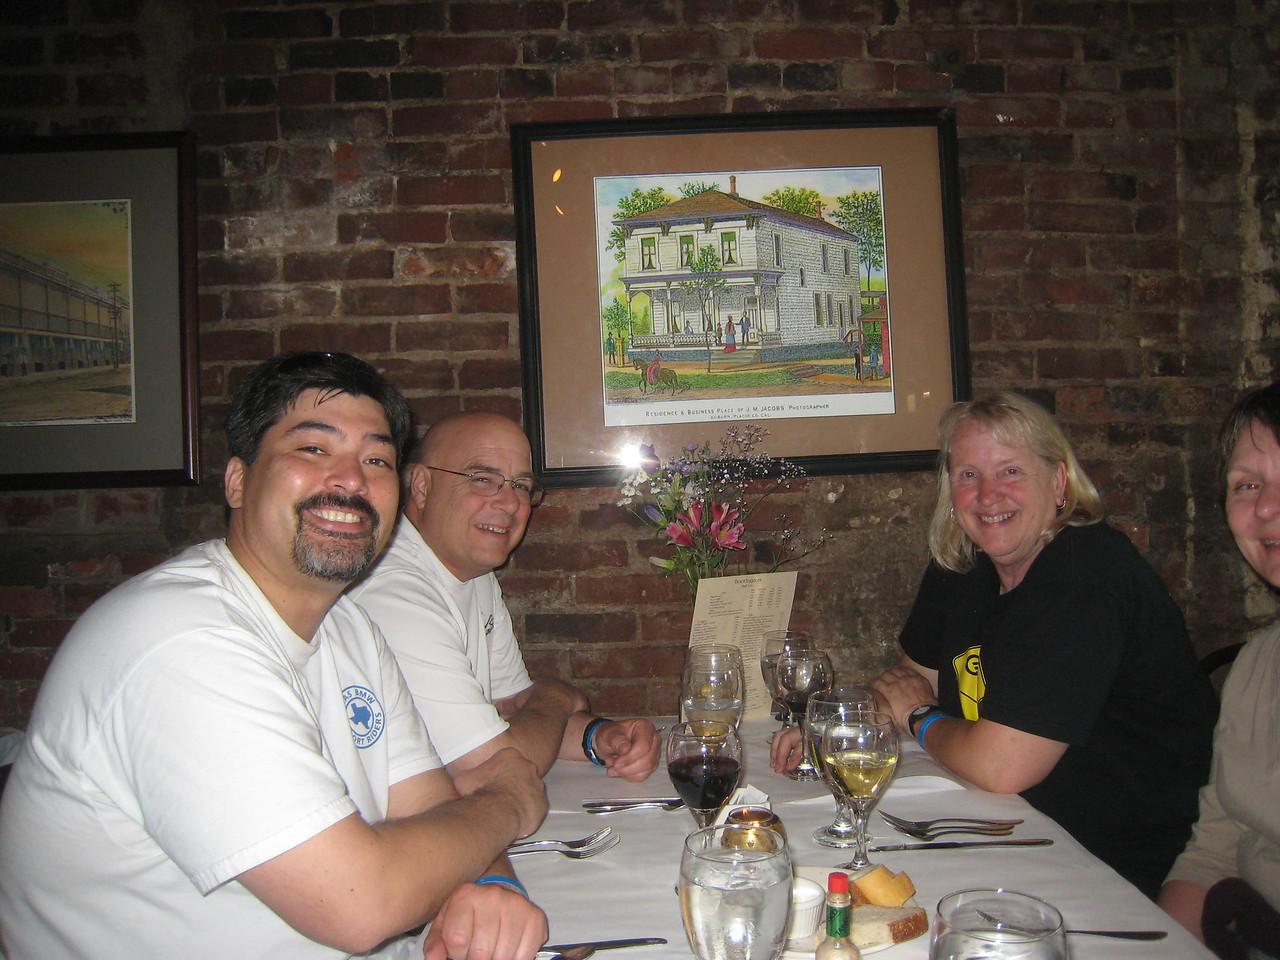 ... at the Bootlegger restaurant in Old Town Auburn.